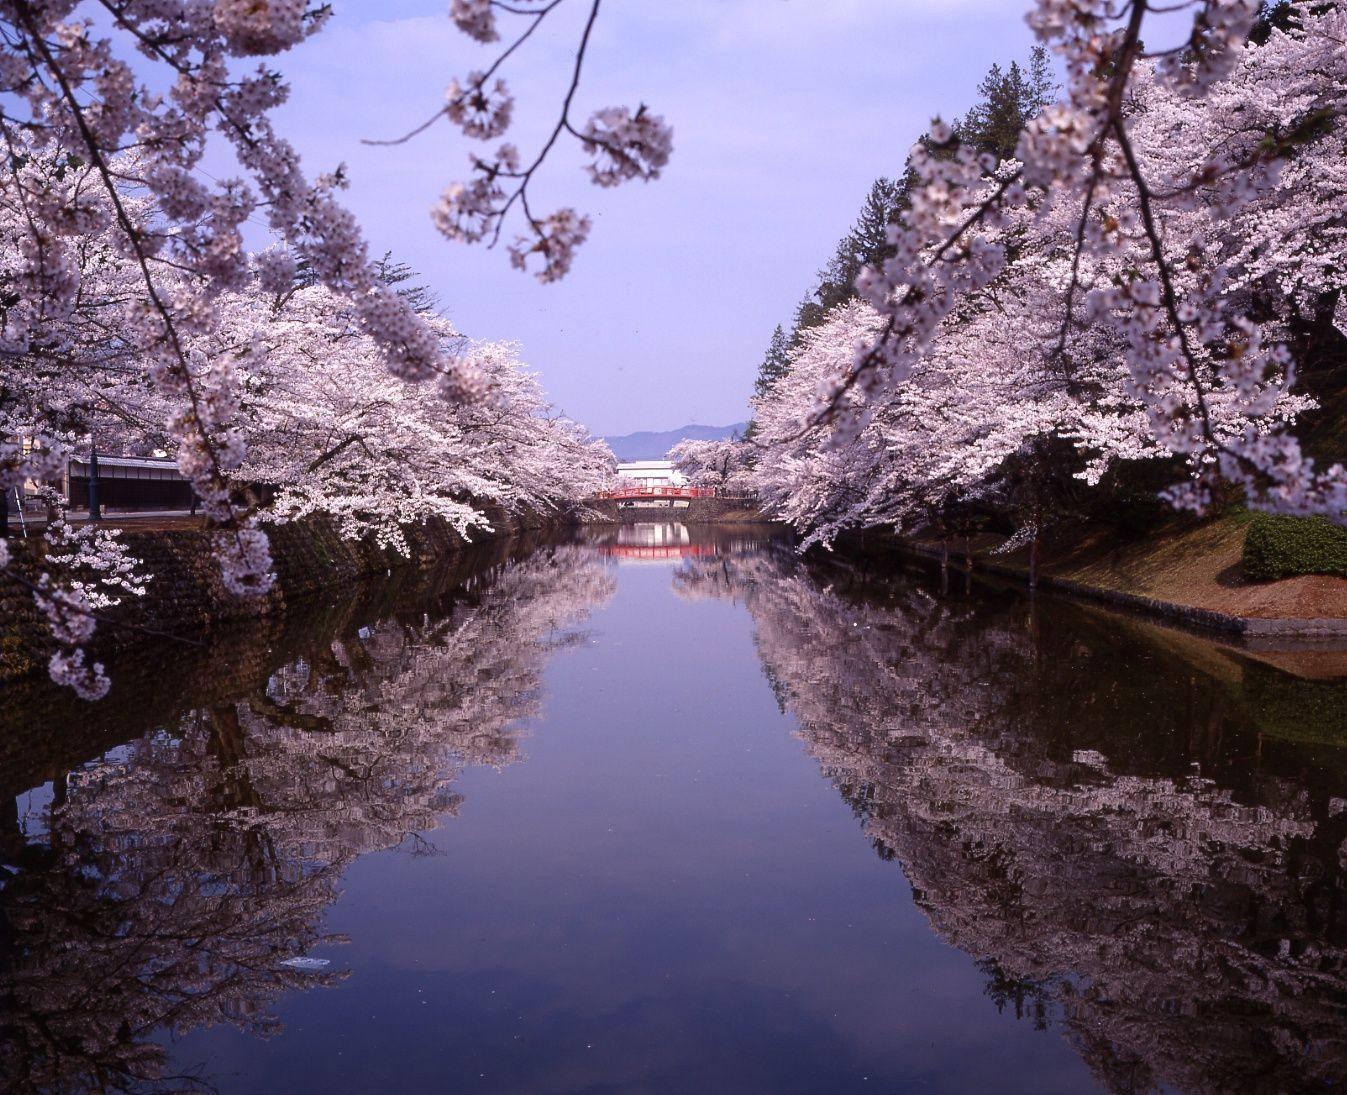 2018 Matsu-ga-saki Park (Uesugi Shrine) cherry tree information: Image